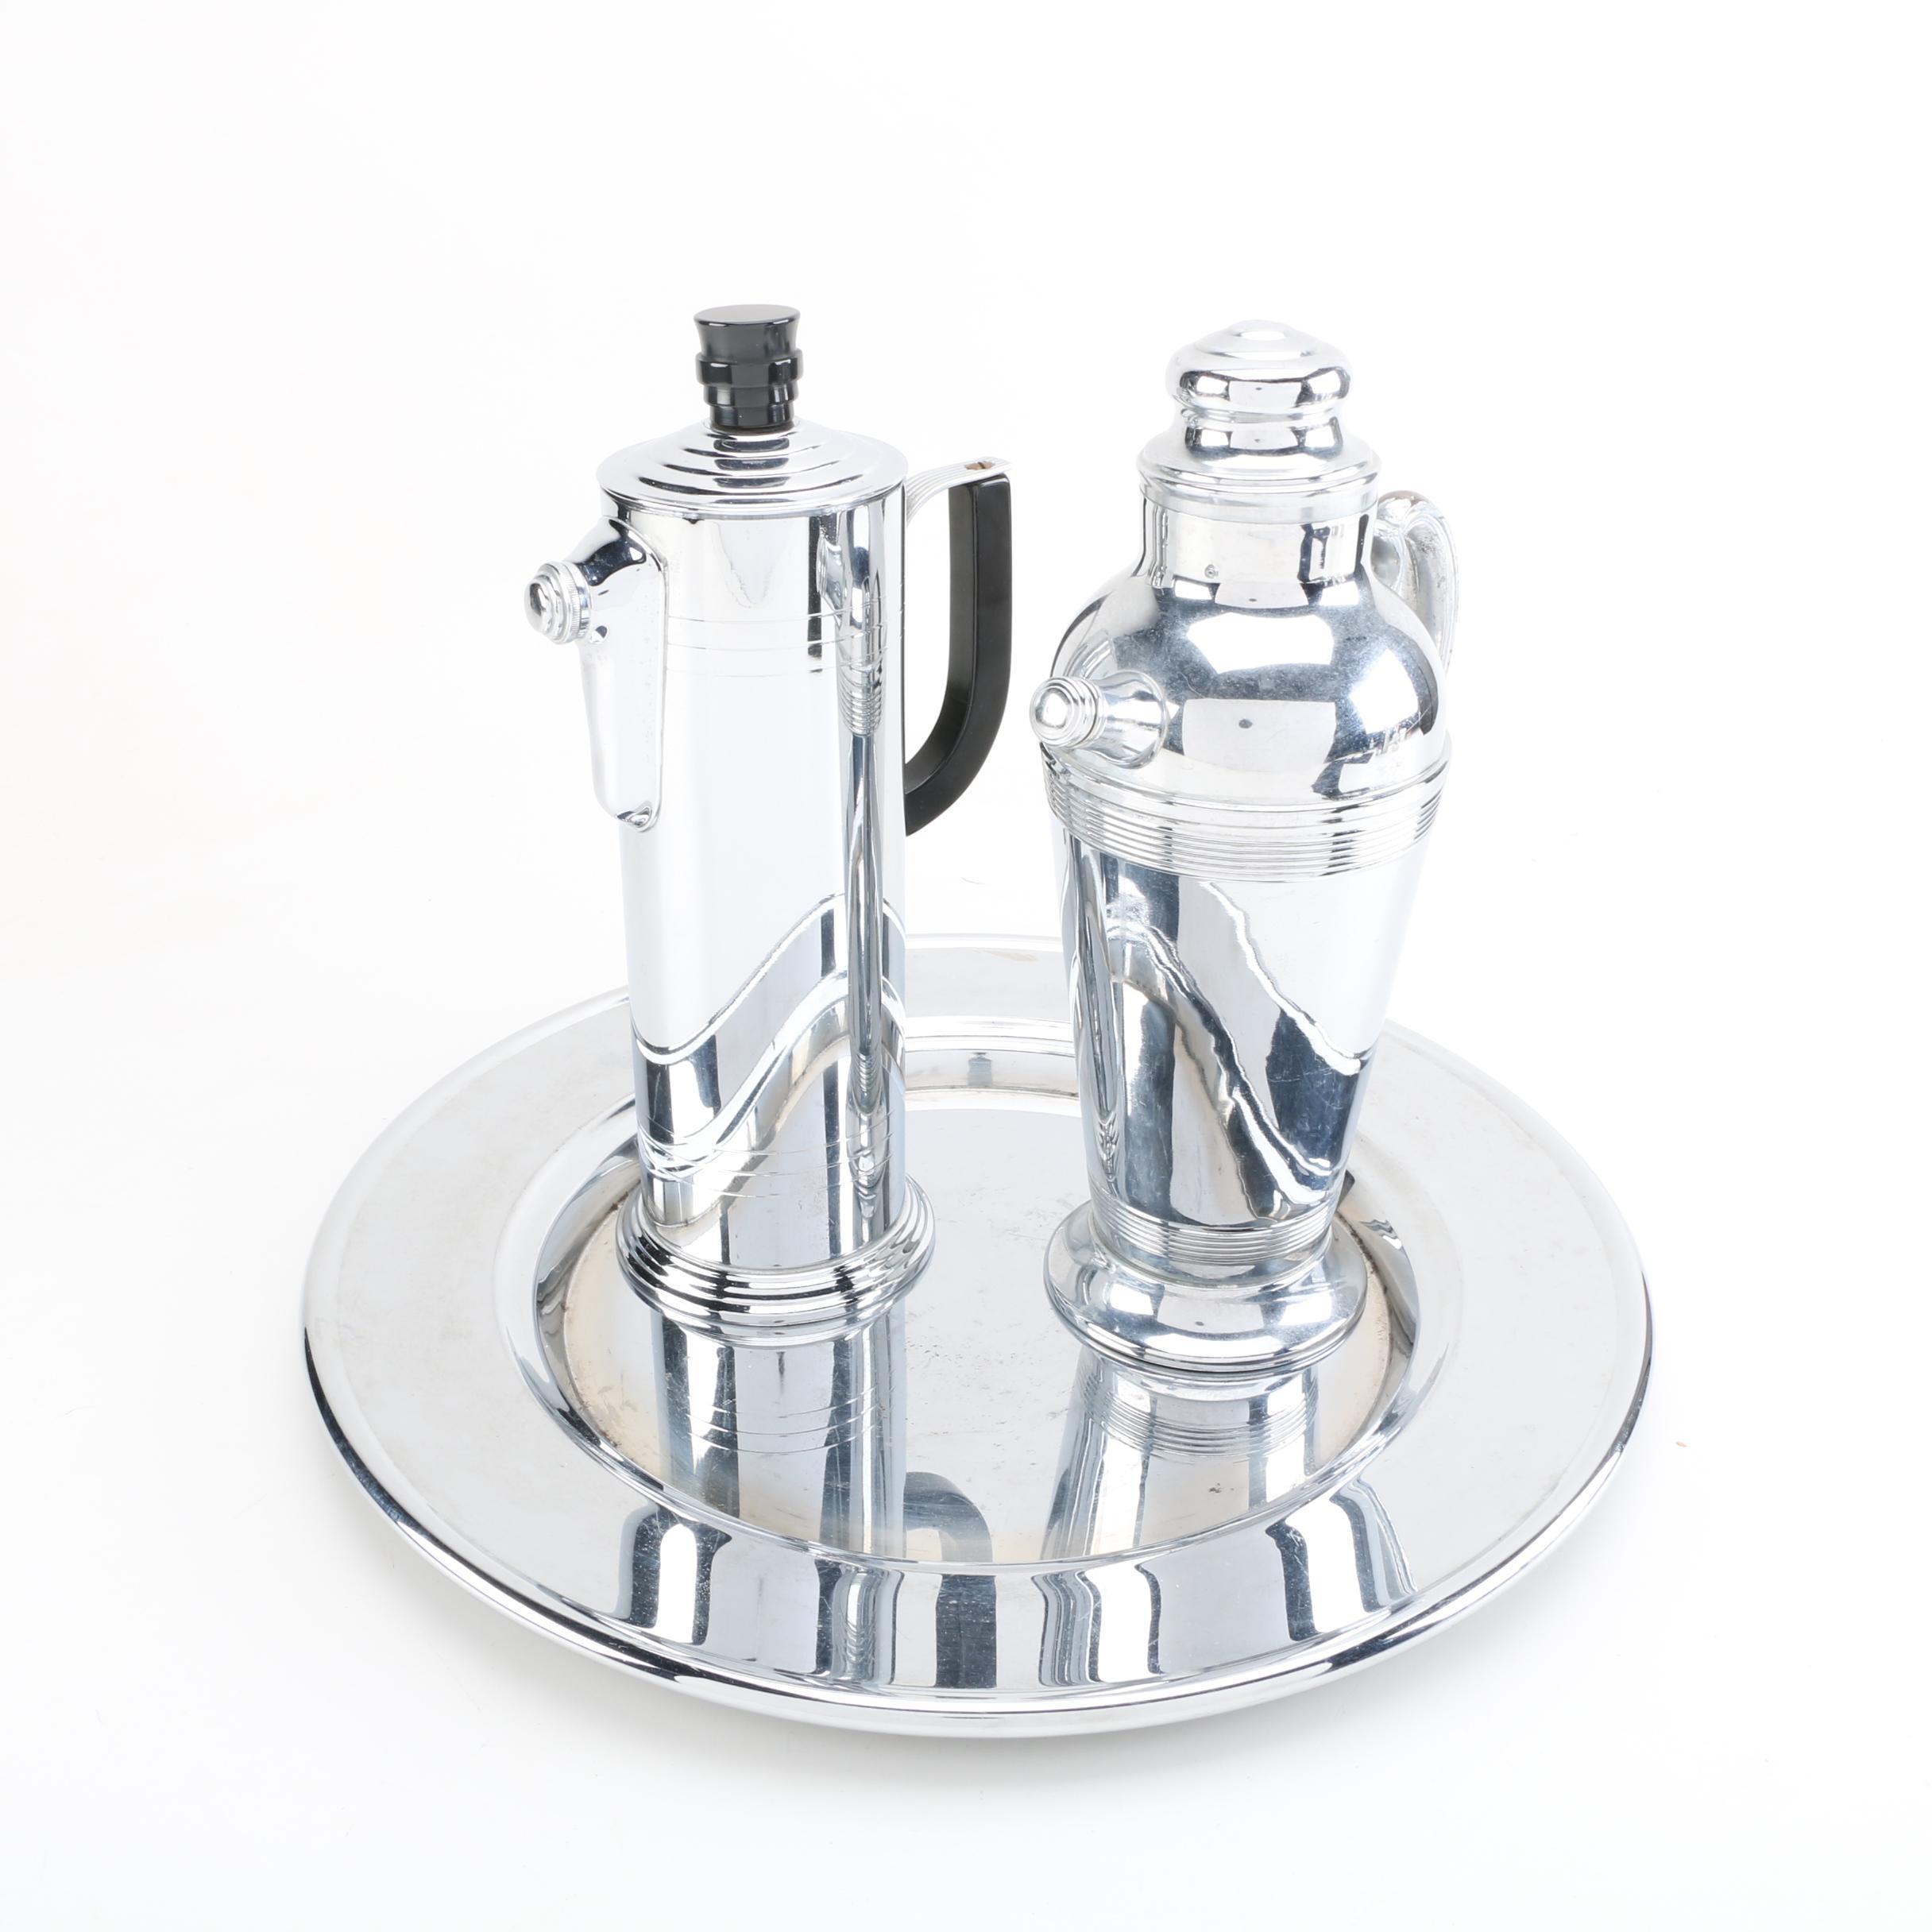 Group of Art Deco Chromed Metal Barware